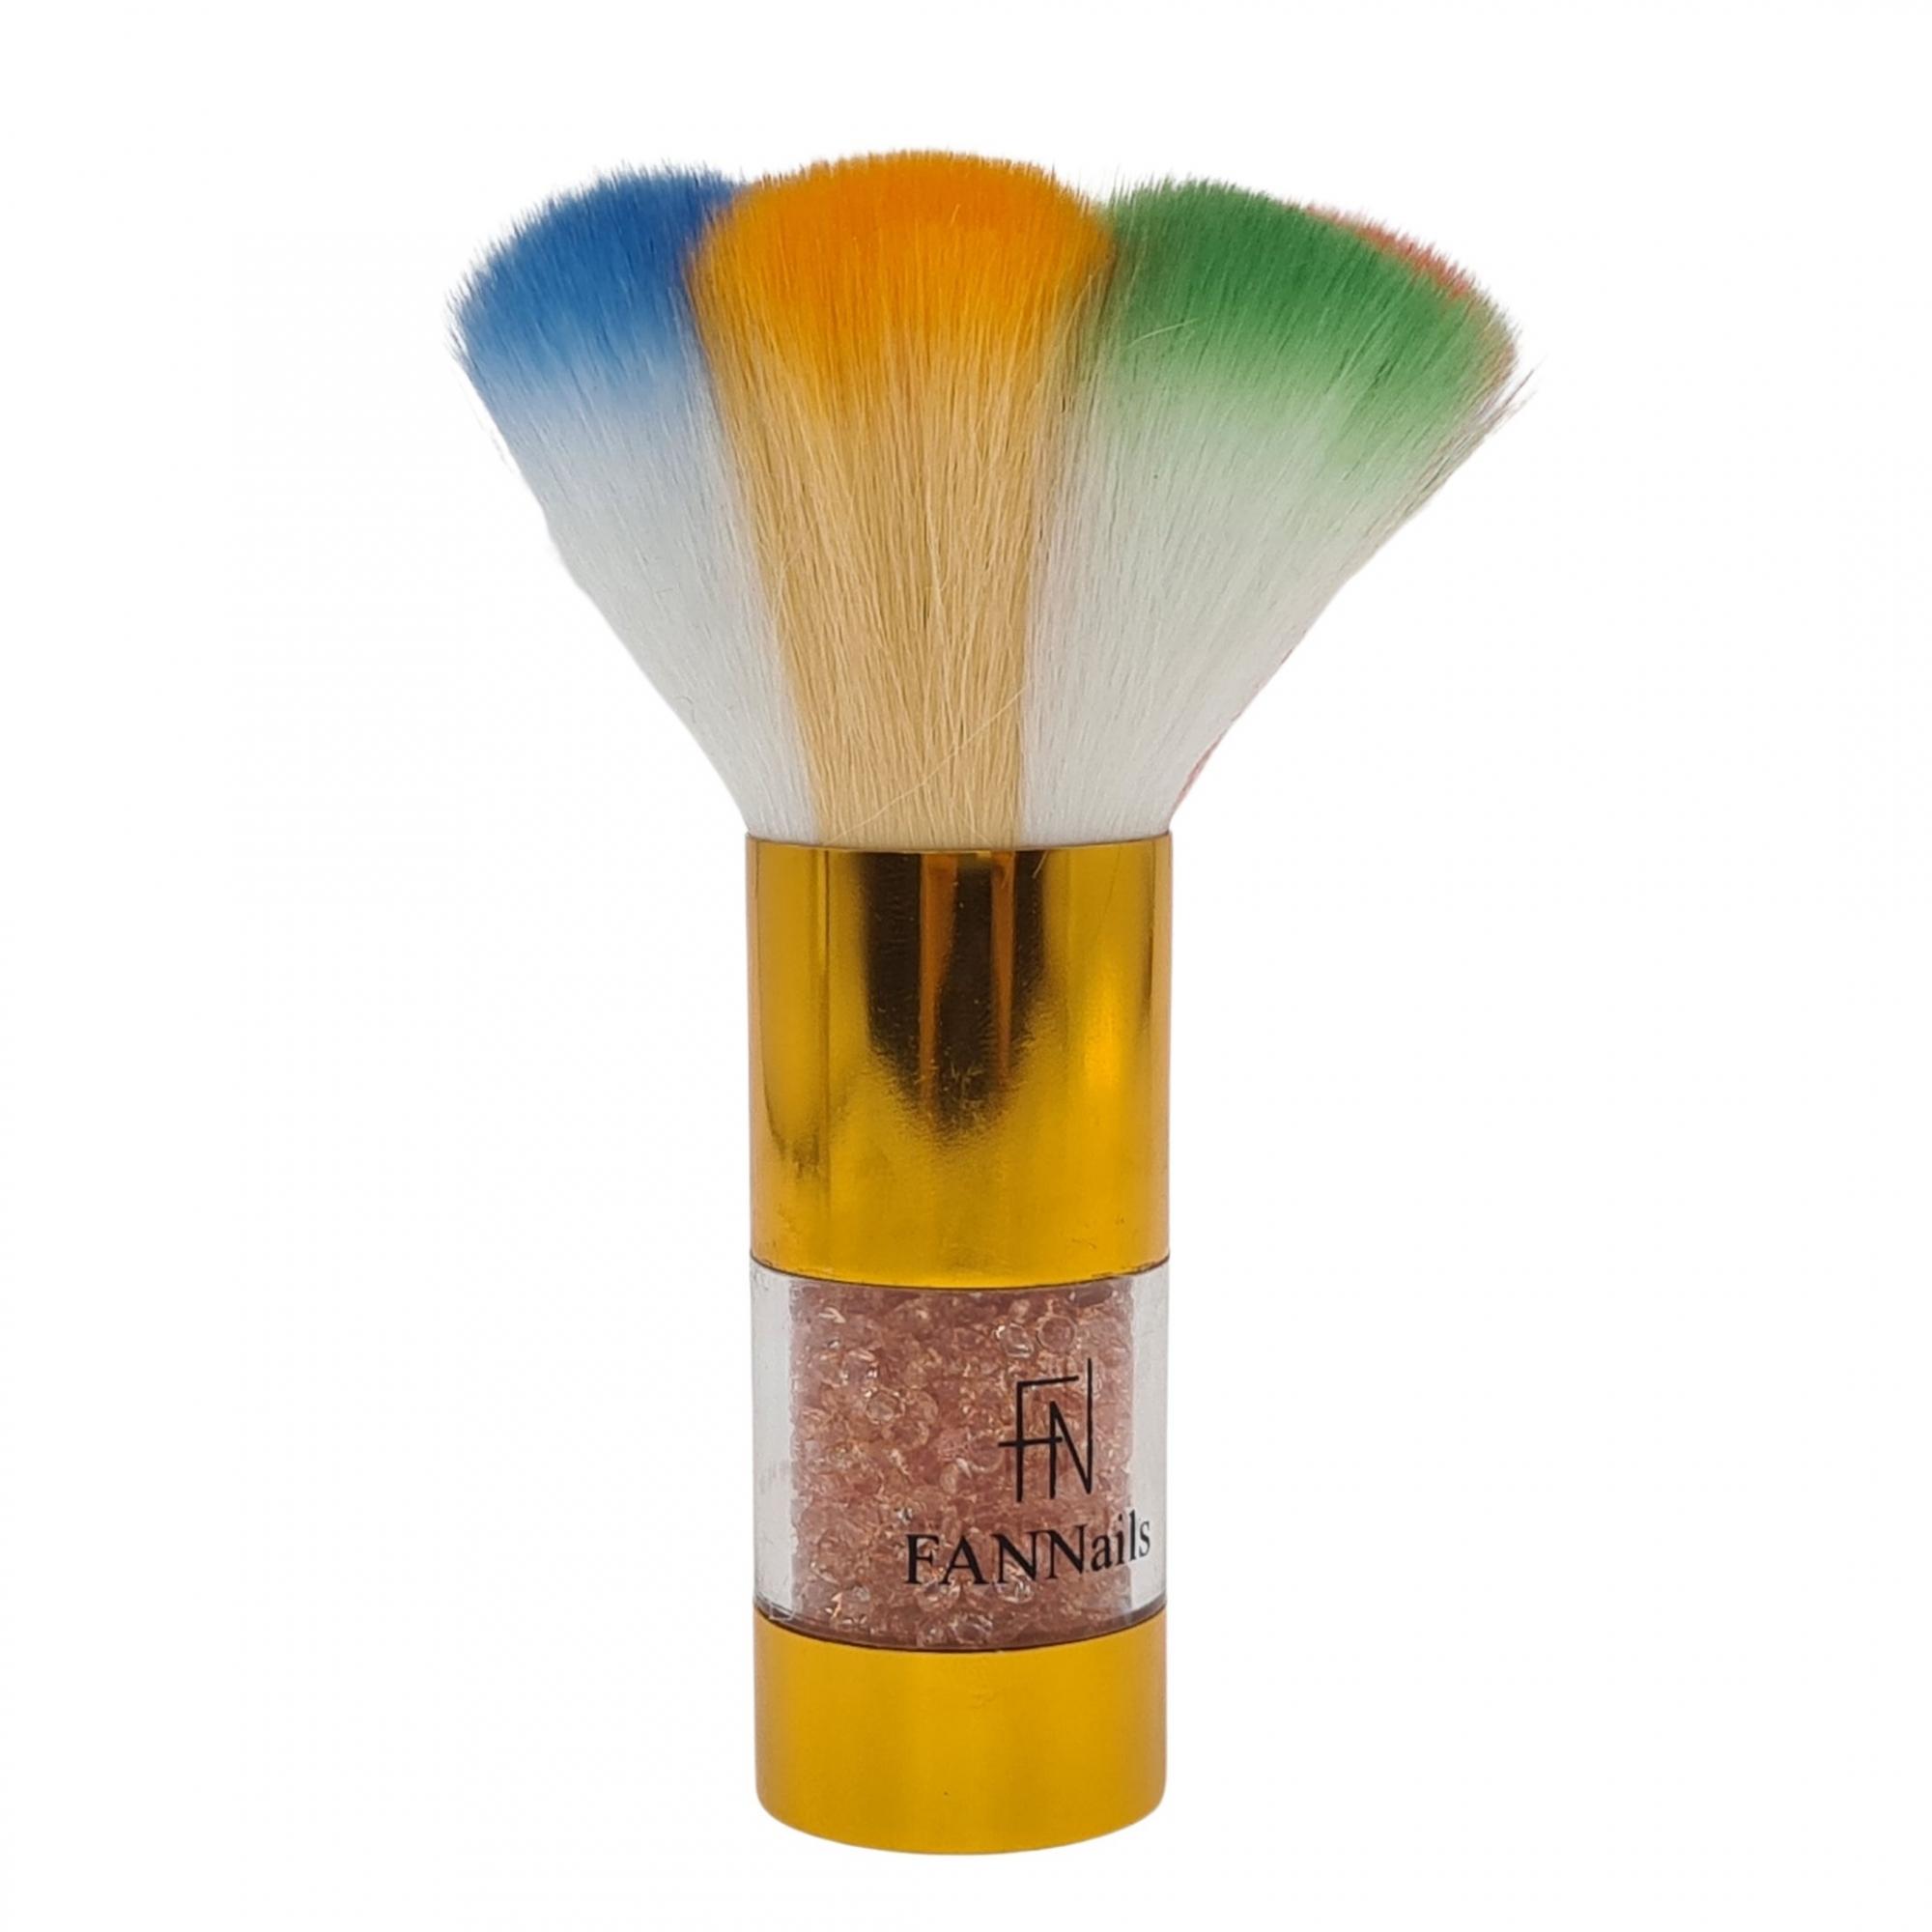 Espanador Cristal - Dourado